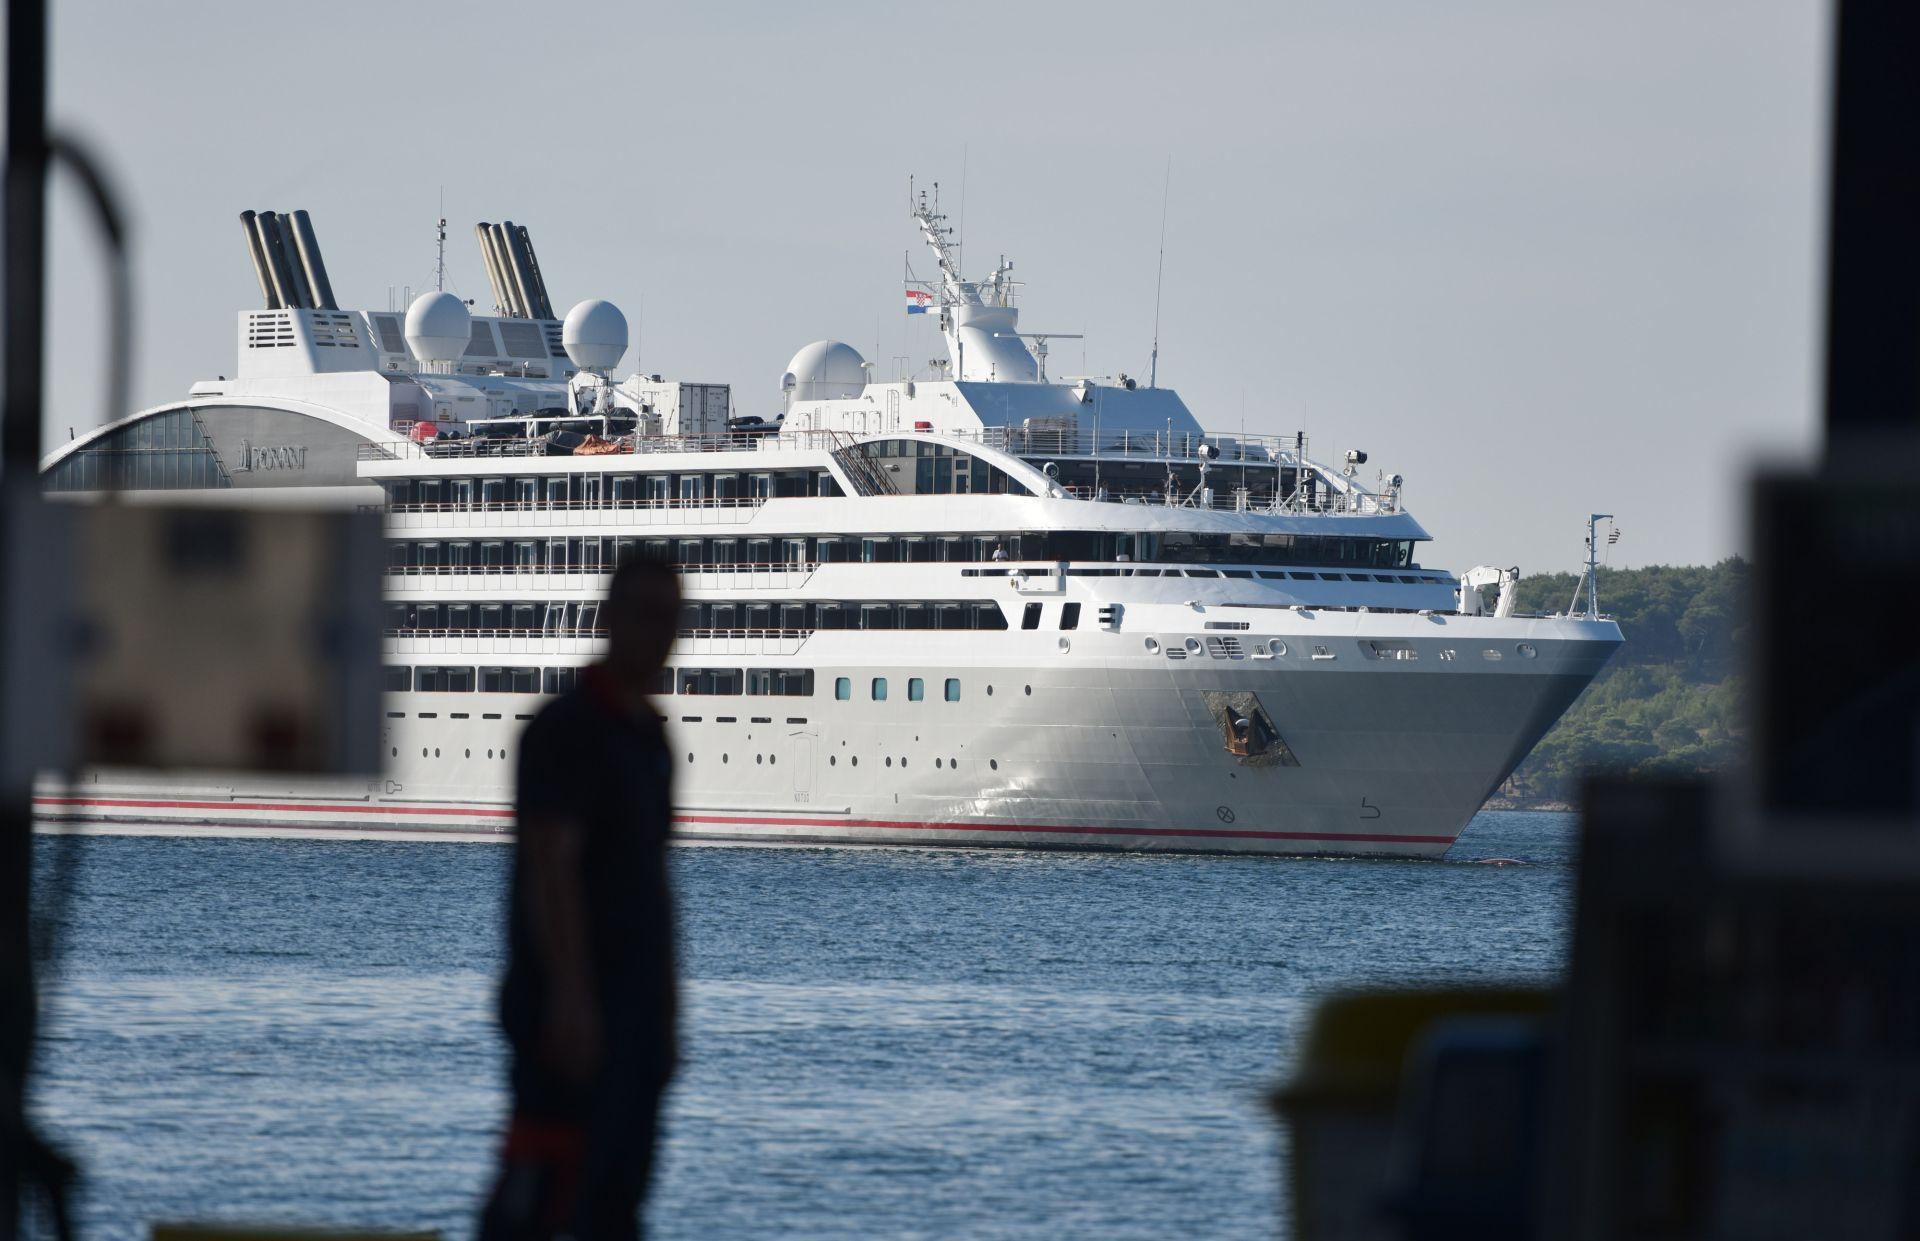 Obalna straža u nedjelju ujutro spasila Britanku koja je pala s kruzera u subotu navečer